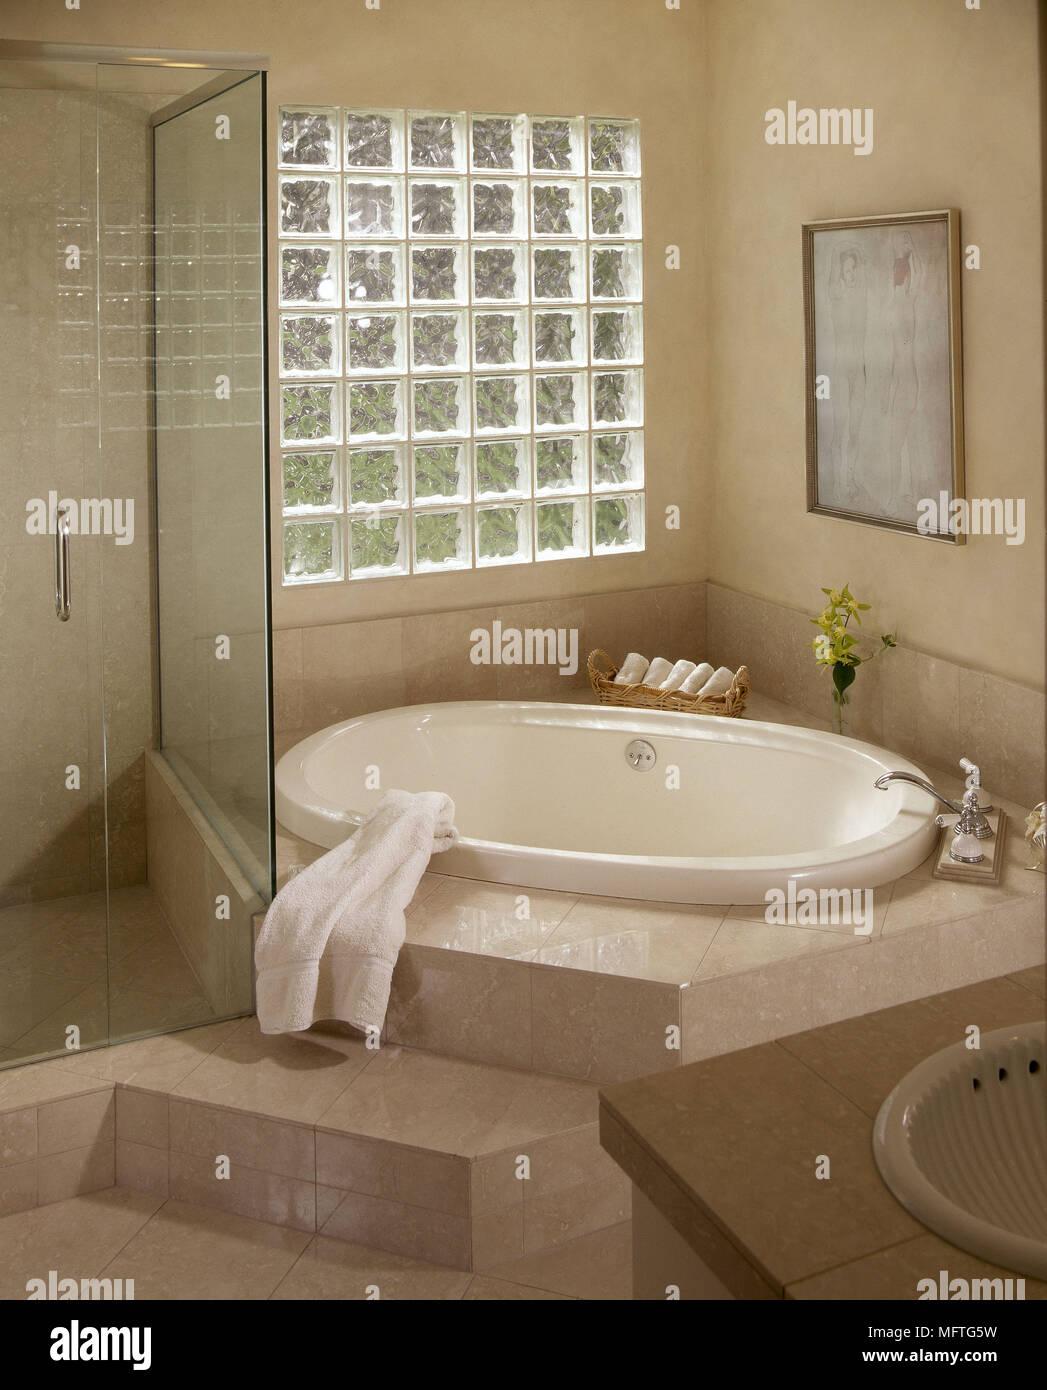 Una moderna stanza da bagno vasca da bagno incassata mattone di vetro finestra doccia lo schermo - Installare una vasca da bagno ...